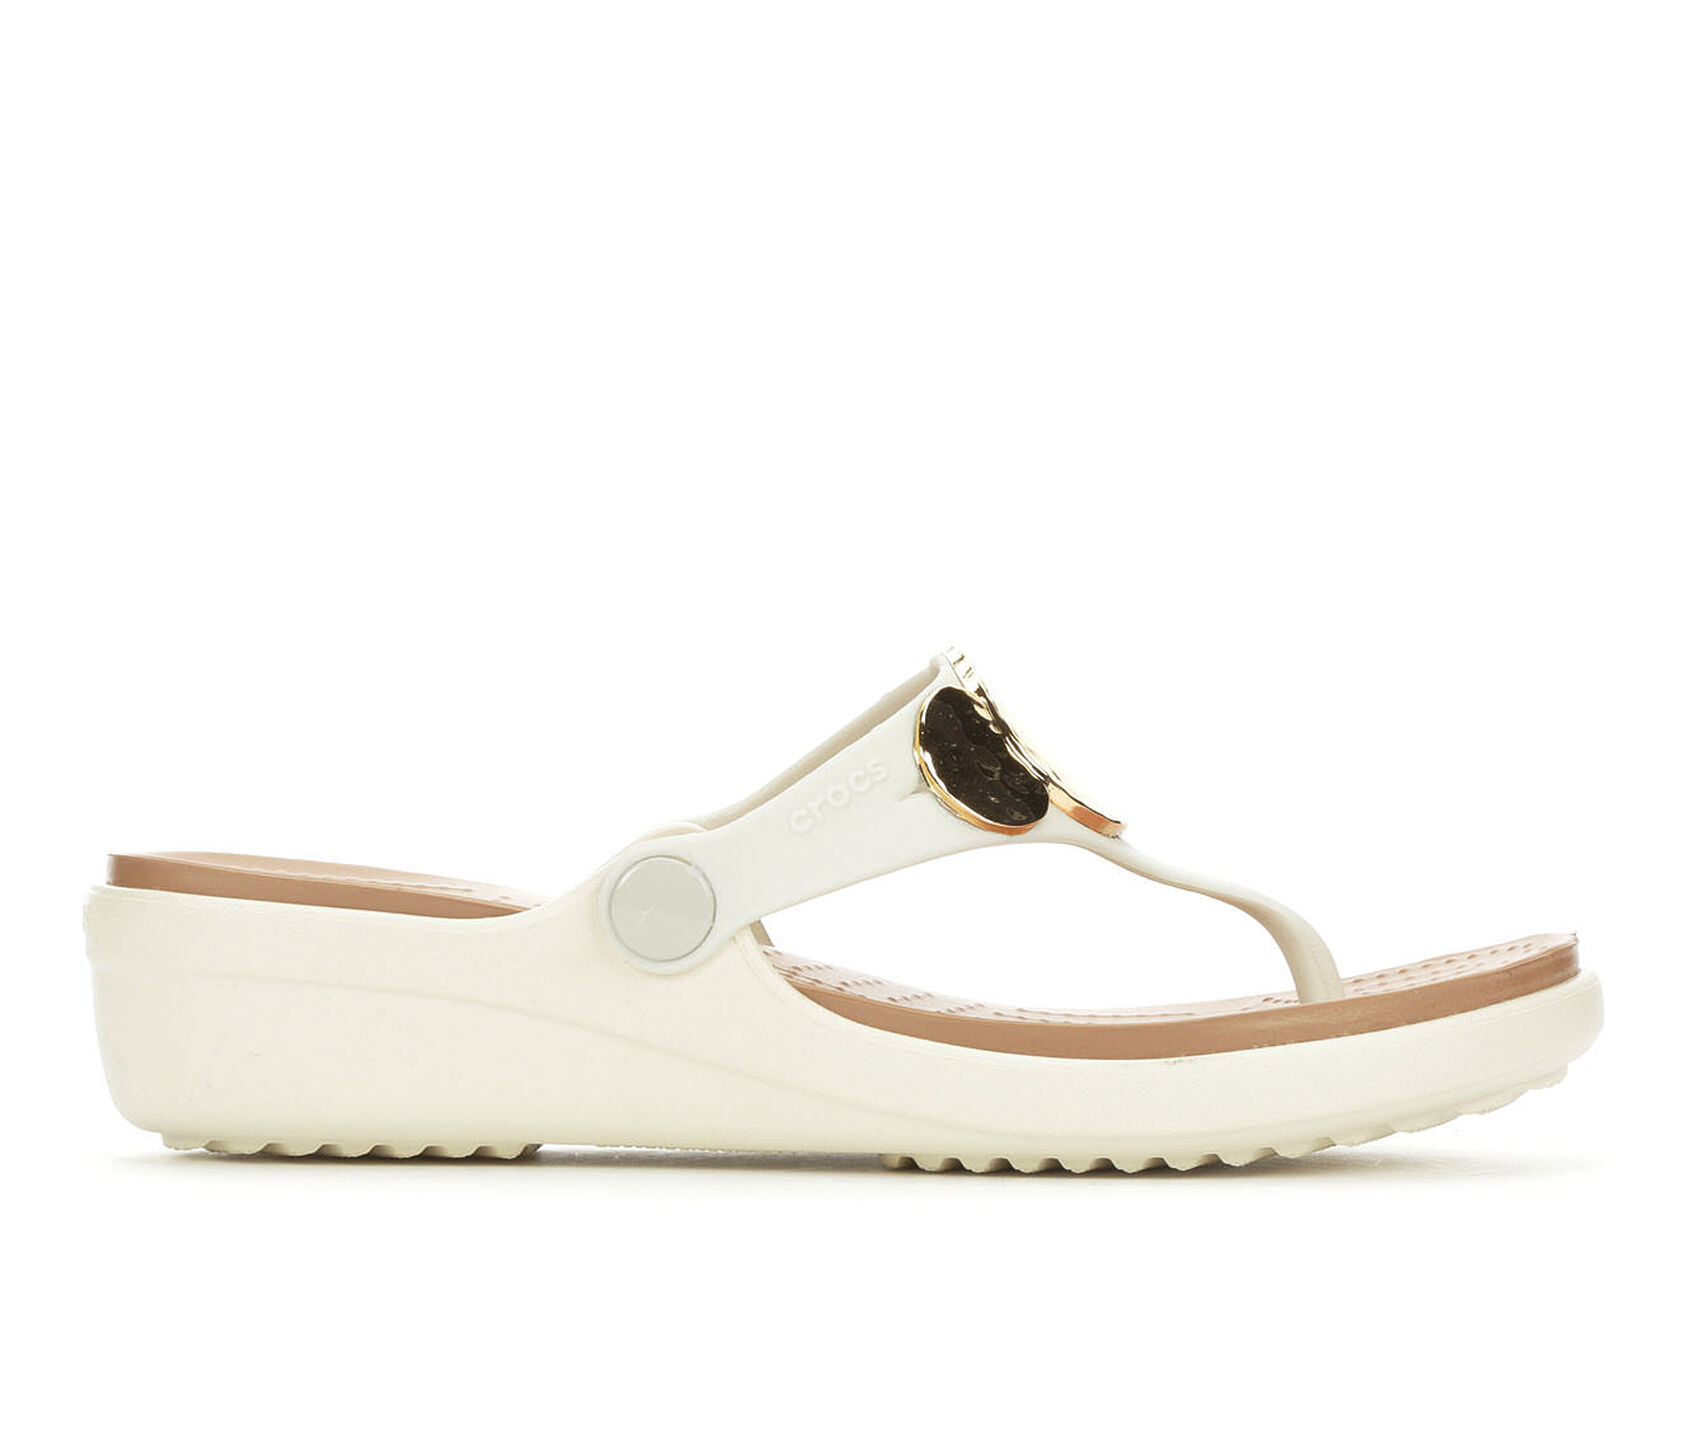 f659c4514082 Images. Women  39 s Crocs Sanrah Embellished Wedge Flip-Flops